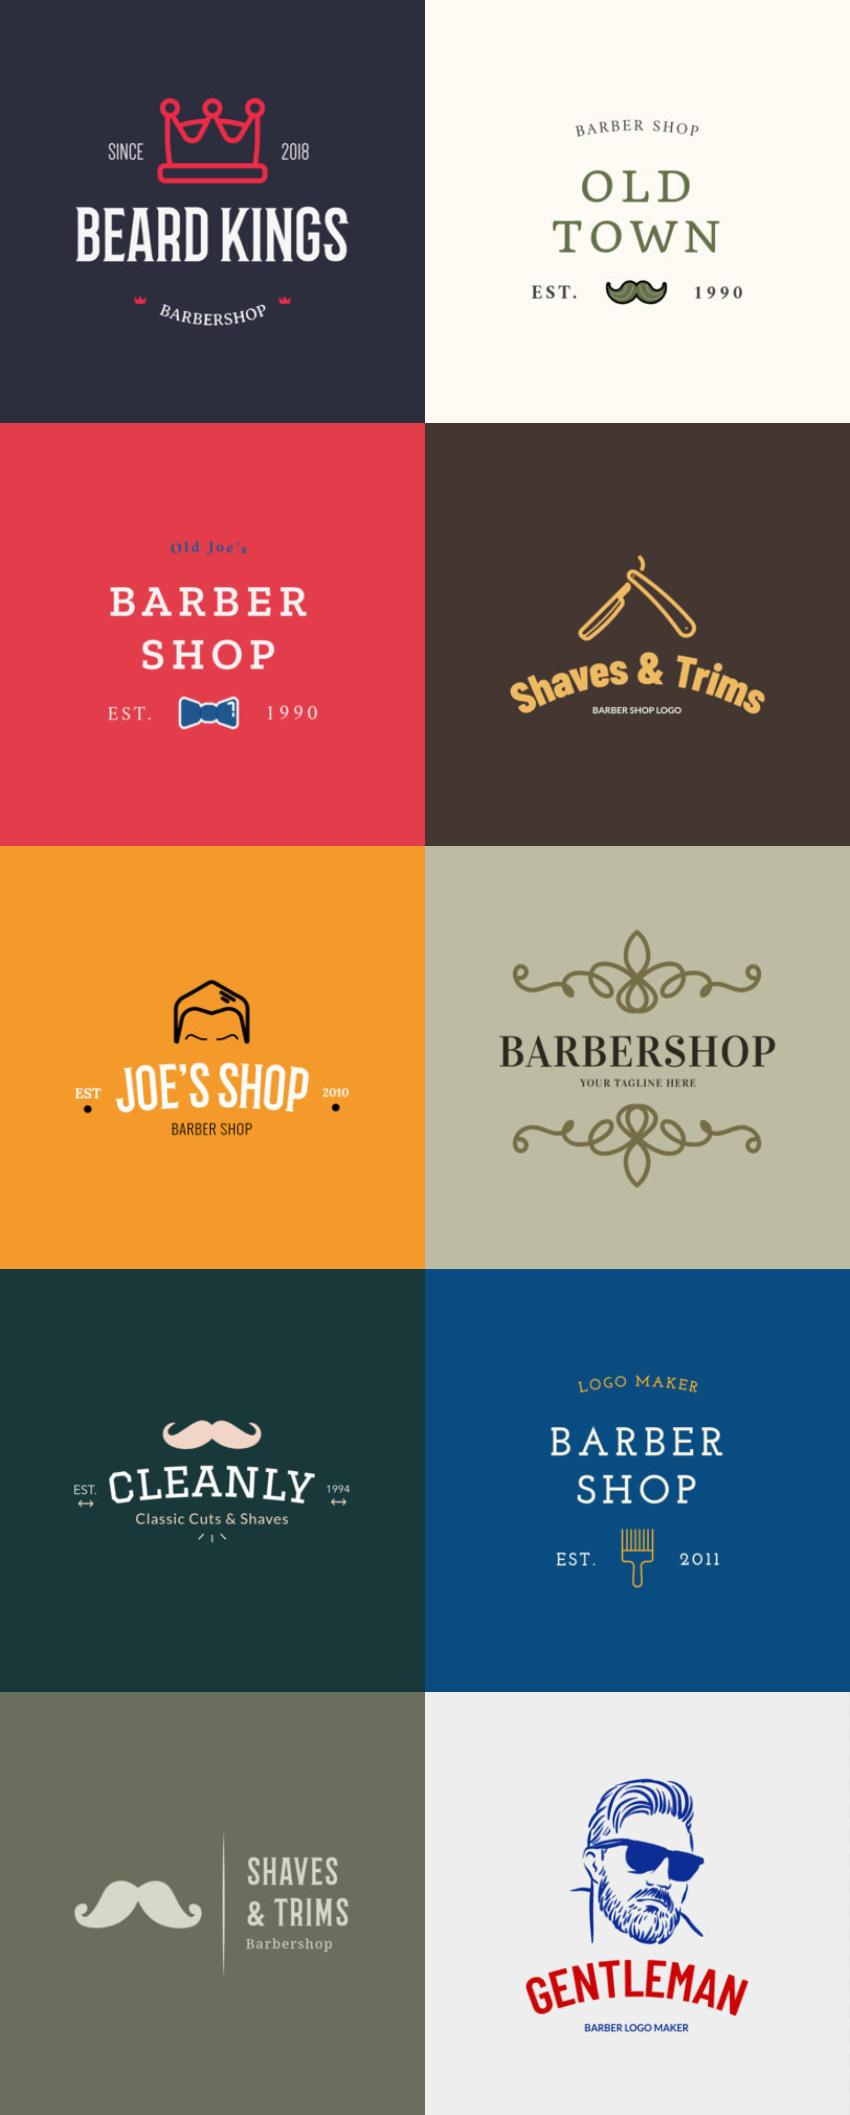 barber shop logo maker